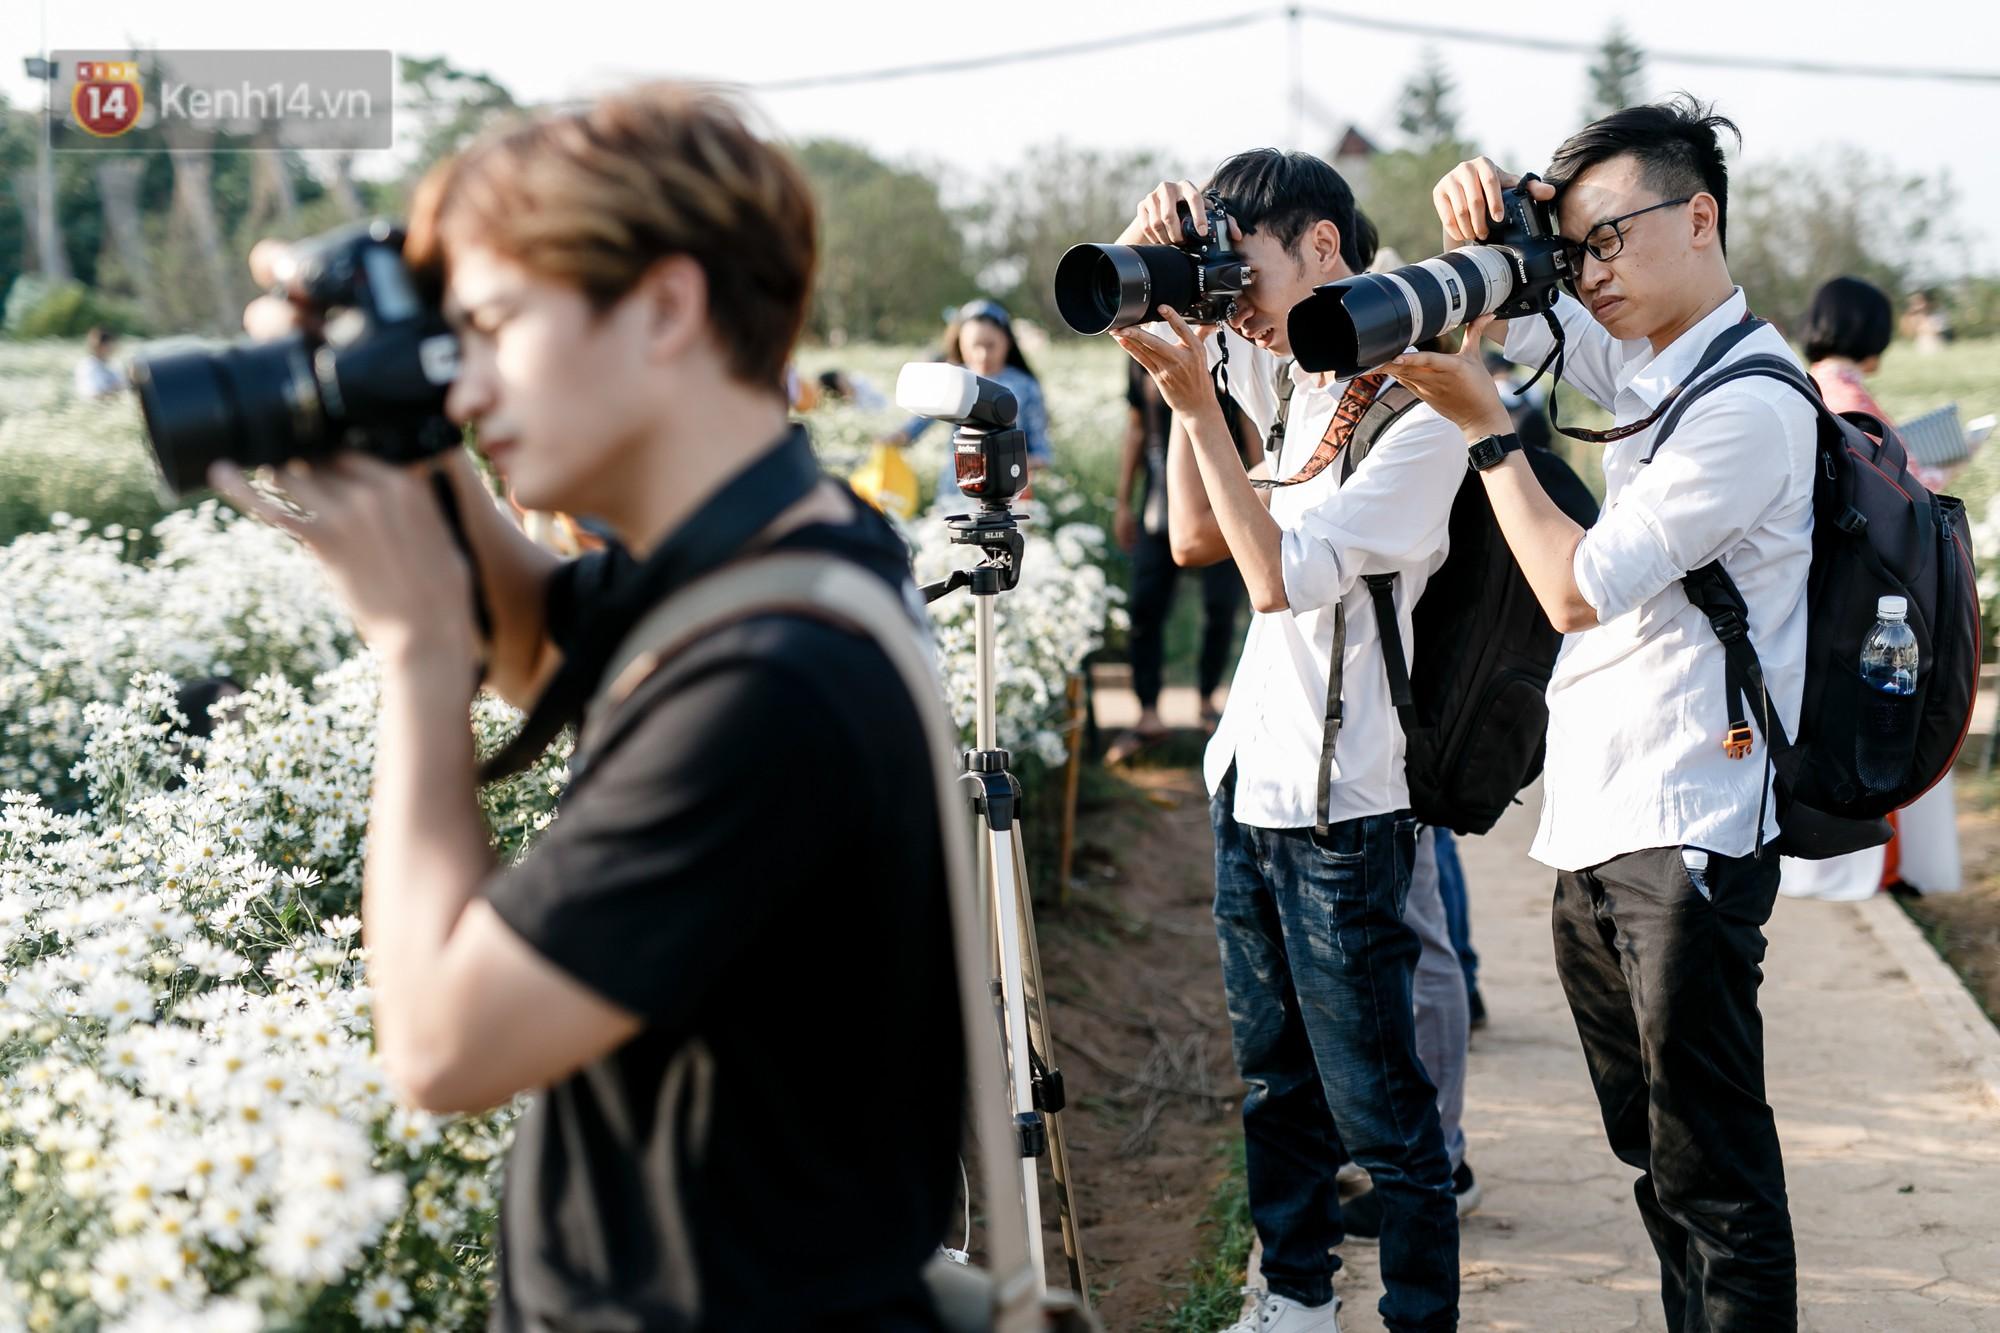 Vườn cúc hoạ mi ở Hà Nội 'thất thủ' cuối tuần: 1 mét vuông có chục nhiếp ảnh gia và mẫu 10